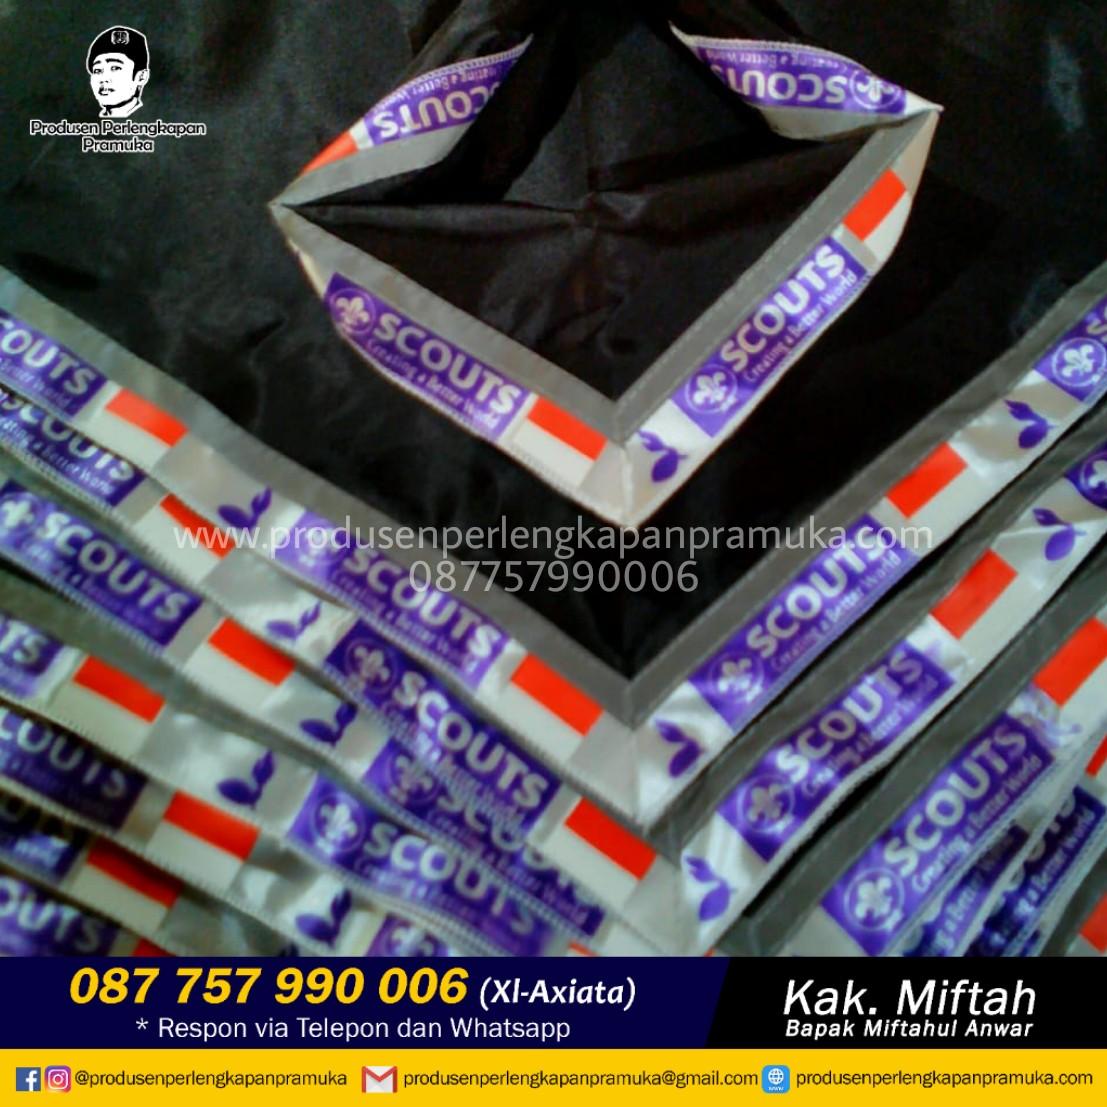 Scraft Pramuka Keren Scarf Pramuka Batik Scarf Pramuka Loreng